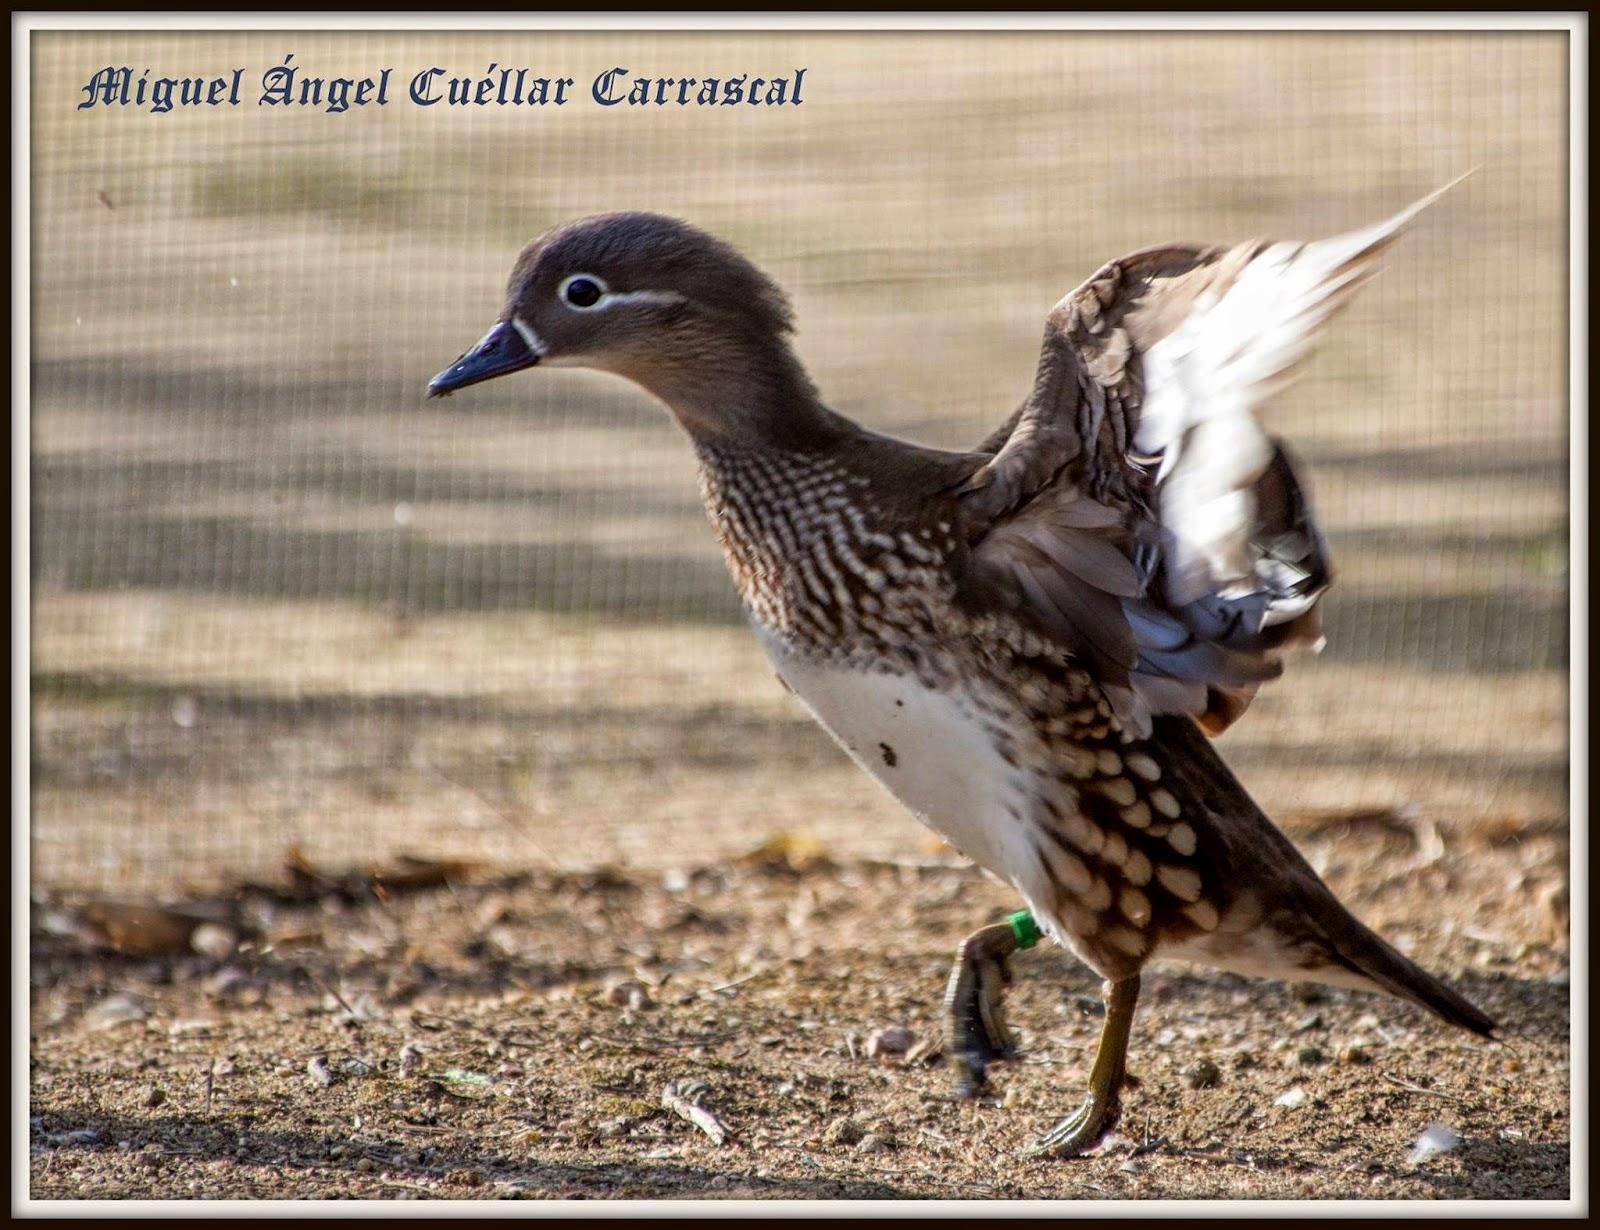 Día Mundial de los Humedales 2015.  Celebración del Grupo Local SEO-Sevilla de SEO/Birdlife en la Cañada de los Pájaros (Puebla del Río). Excursión